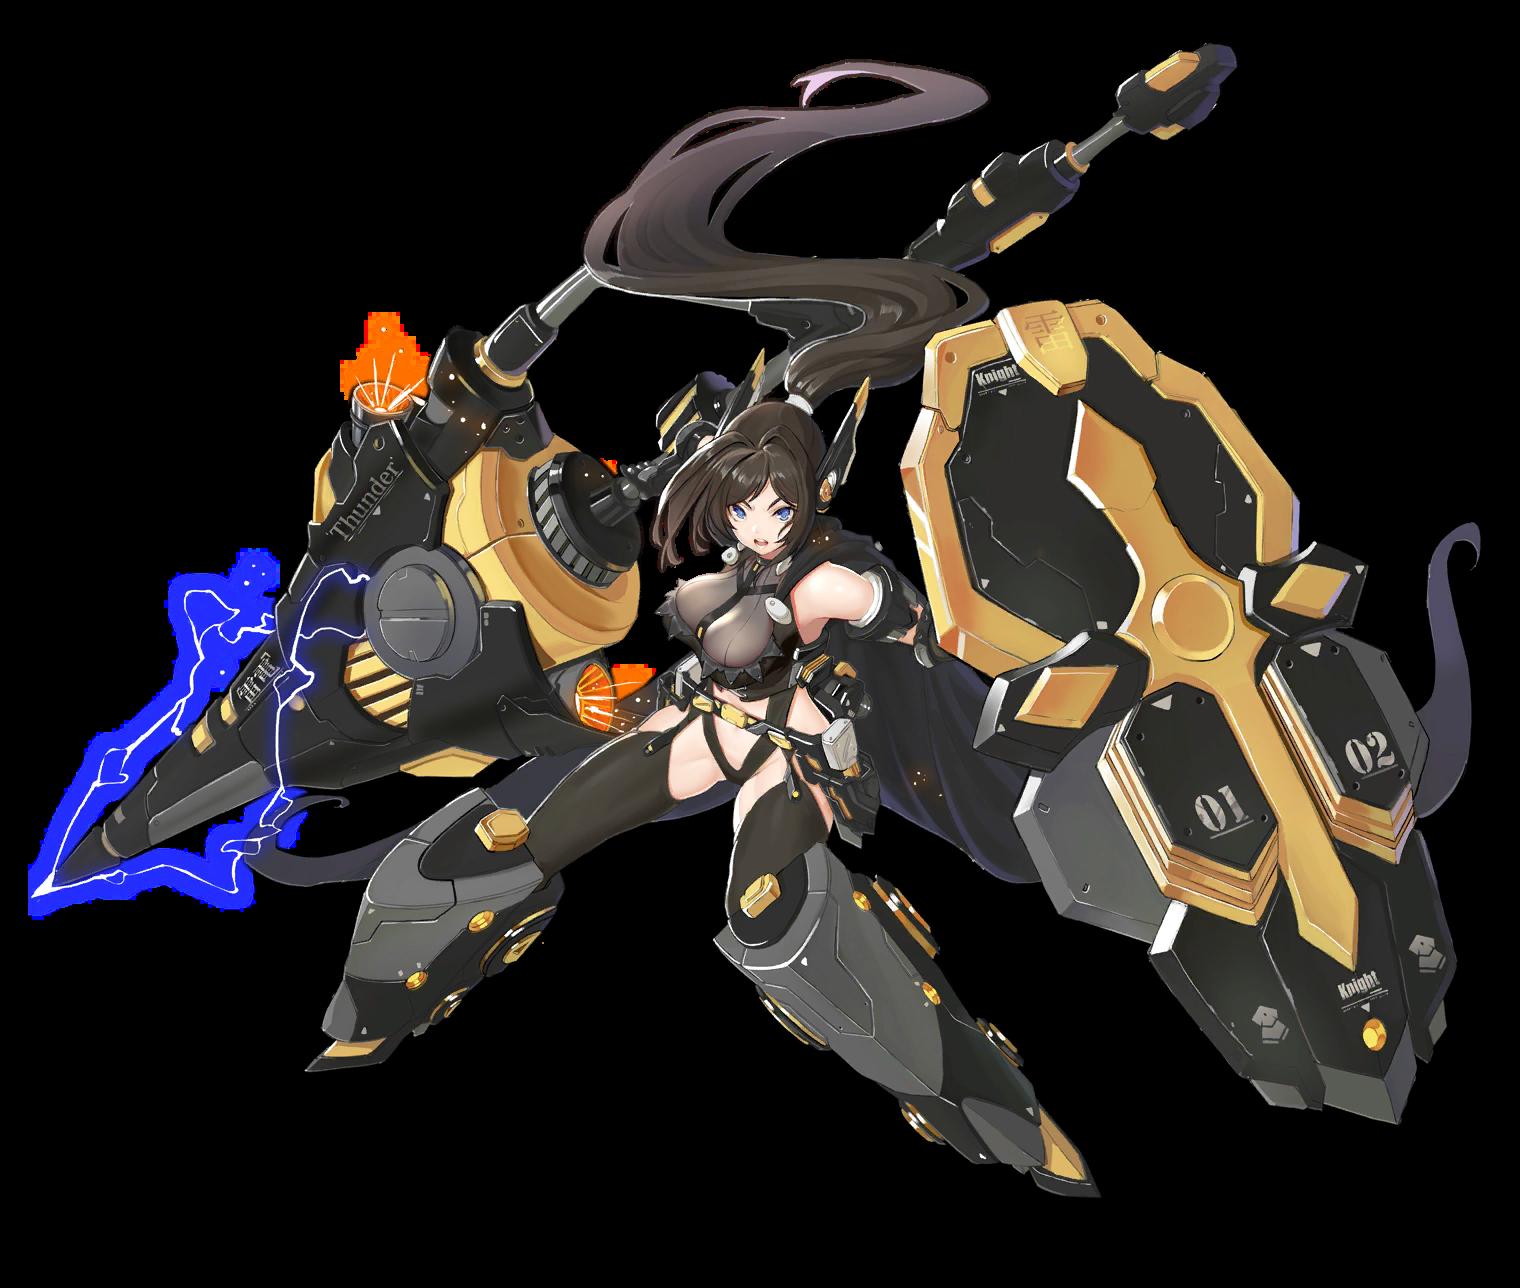 《机动战姬:聚变》艾卡西亚属性介绍